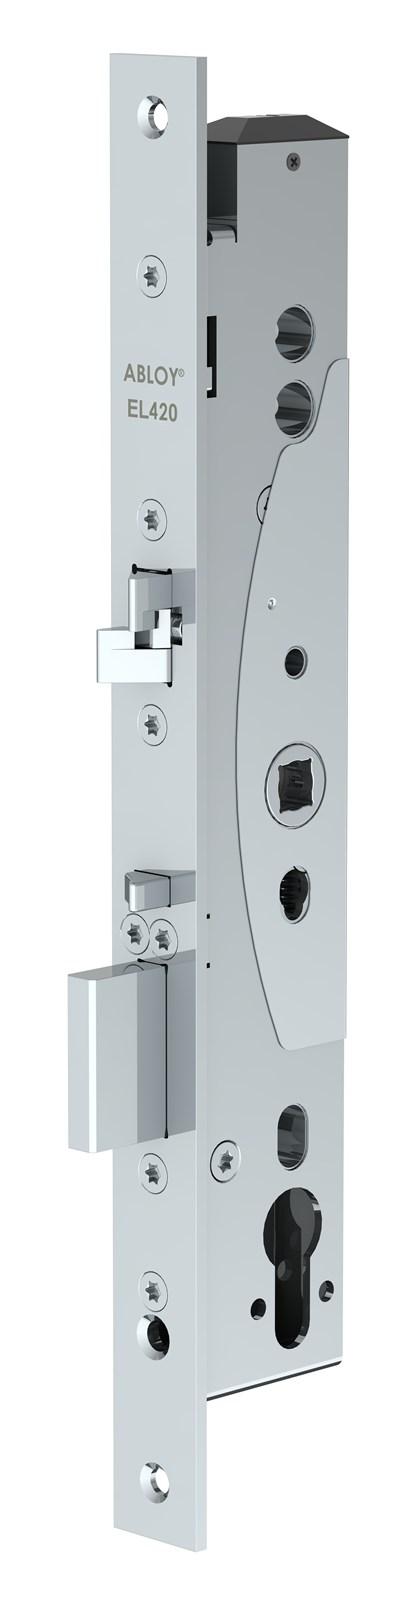 Lock case EL420